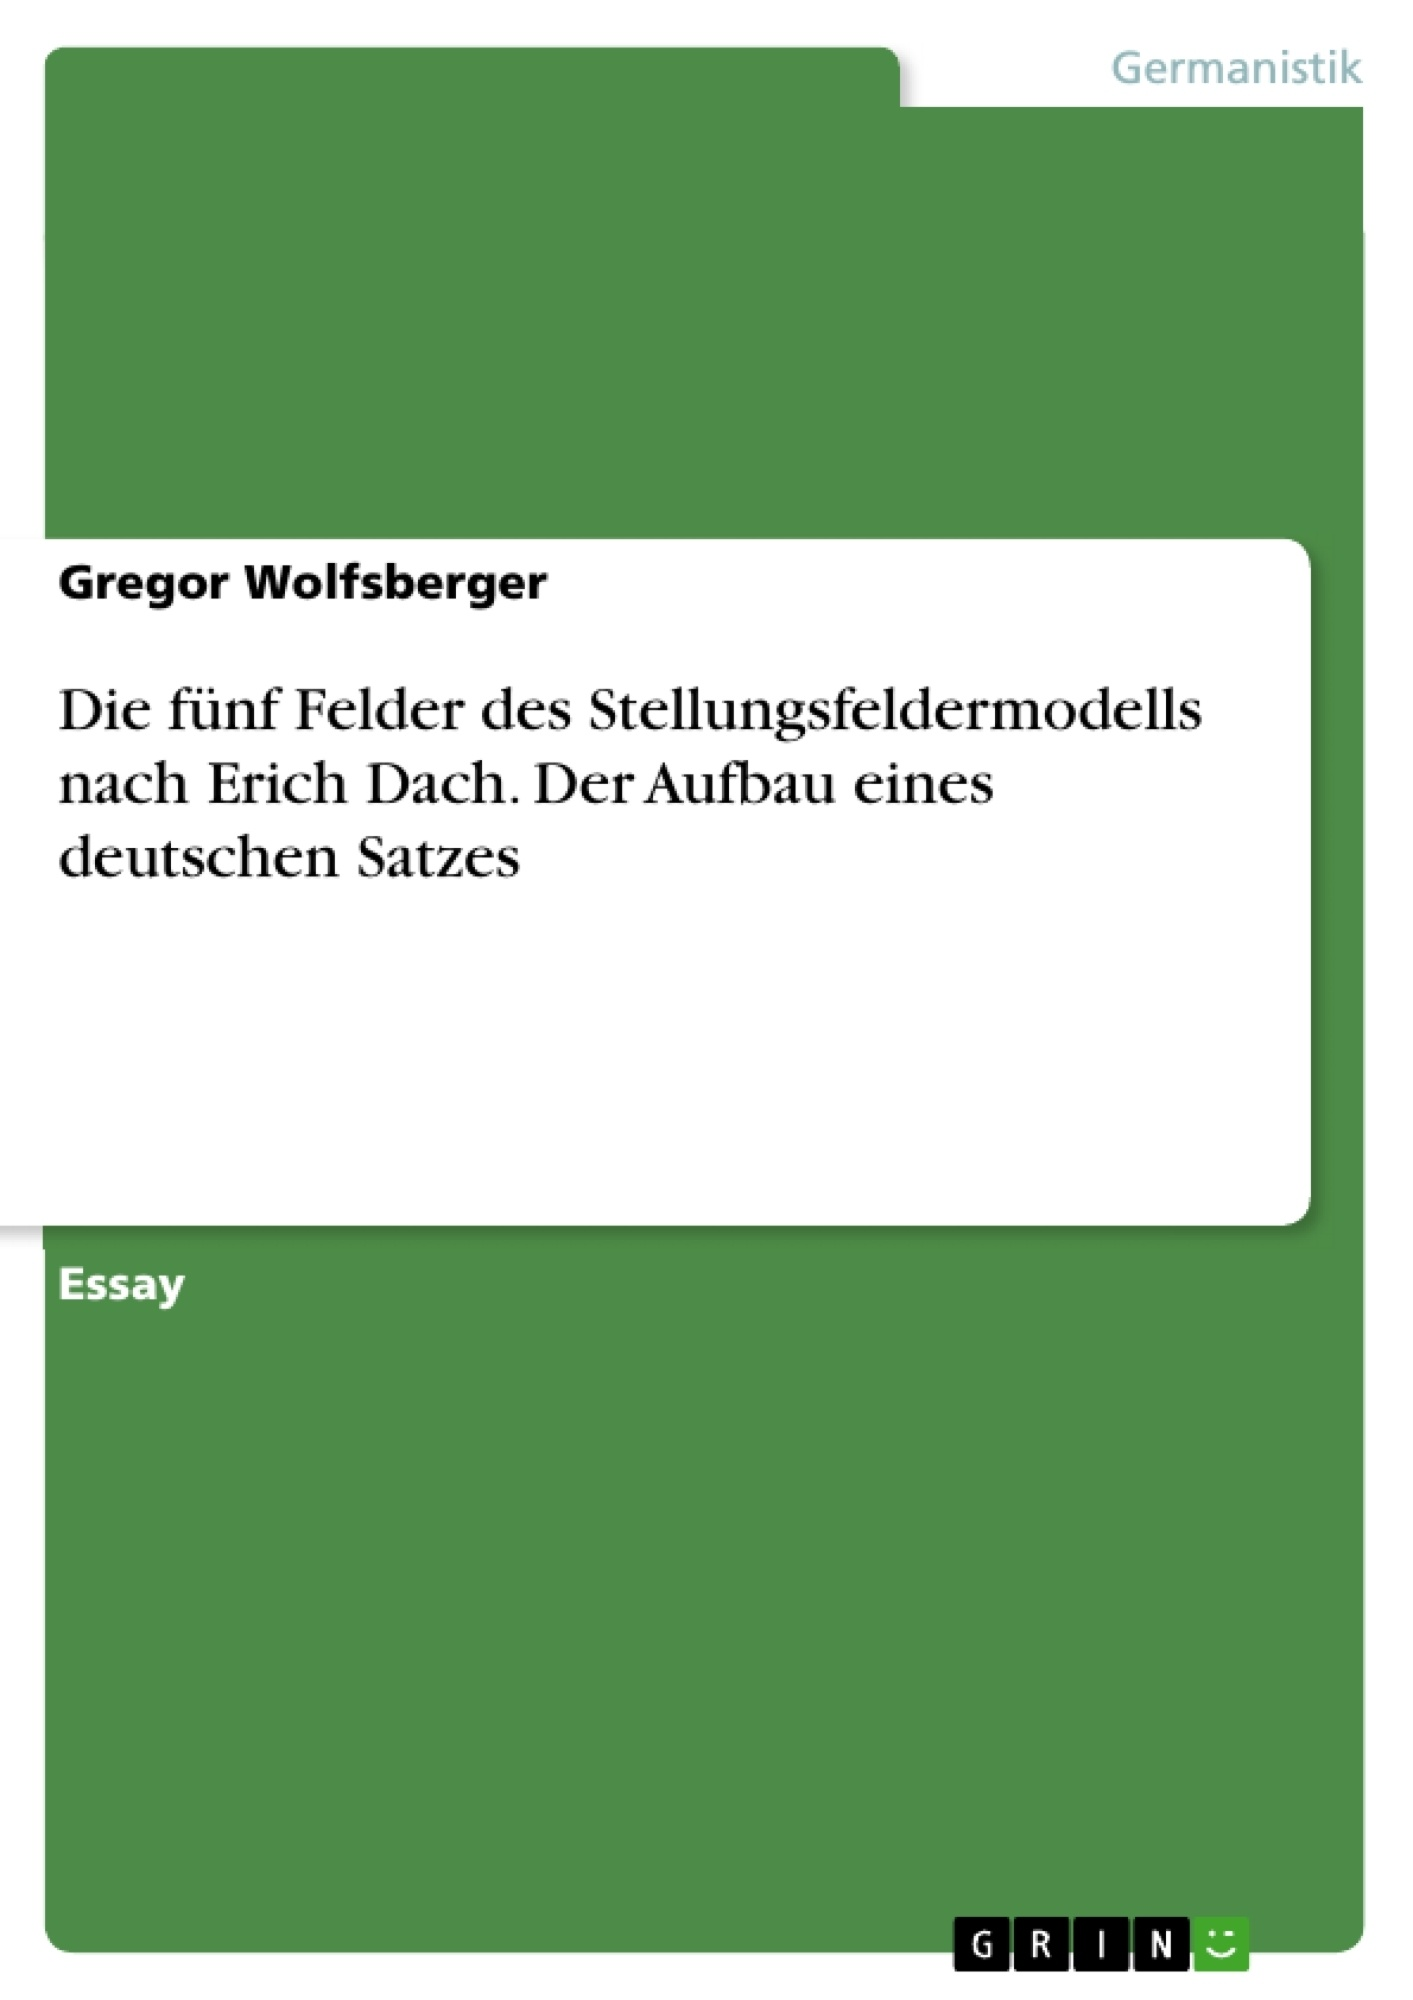 Titel: Die fünf Felder des Stellungsfeldermodells nach Erich Dach. Der Aufbau eines deutschen Satzes